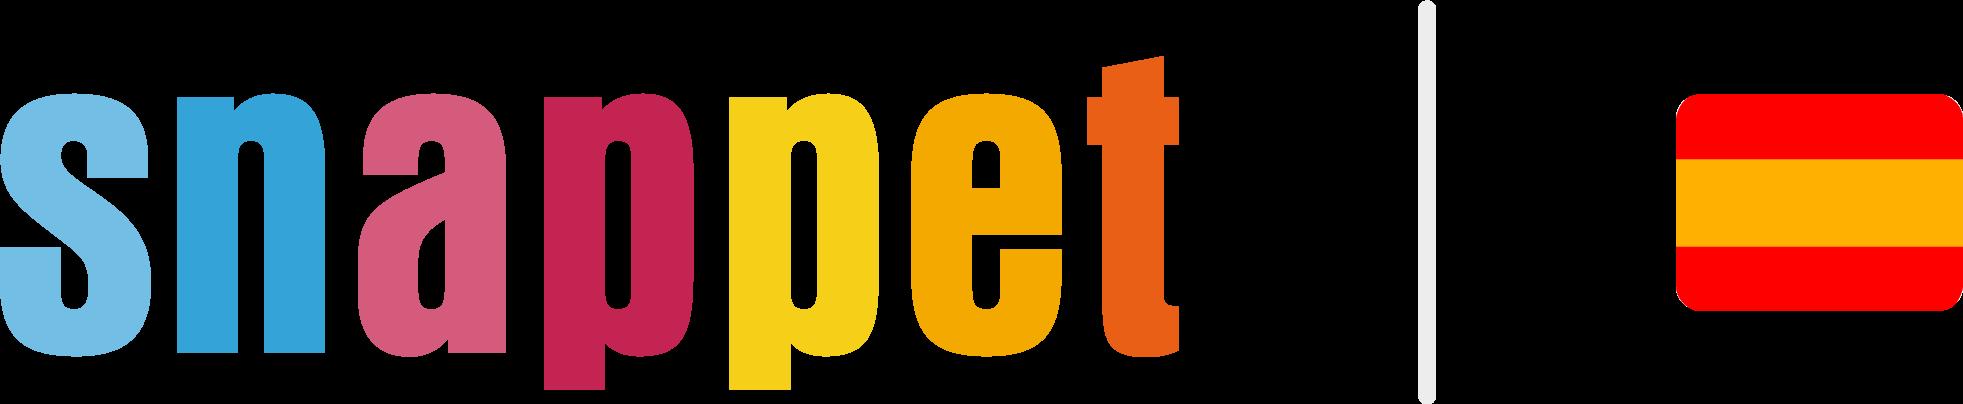 Snappet ES Logo